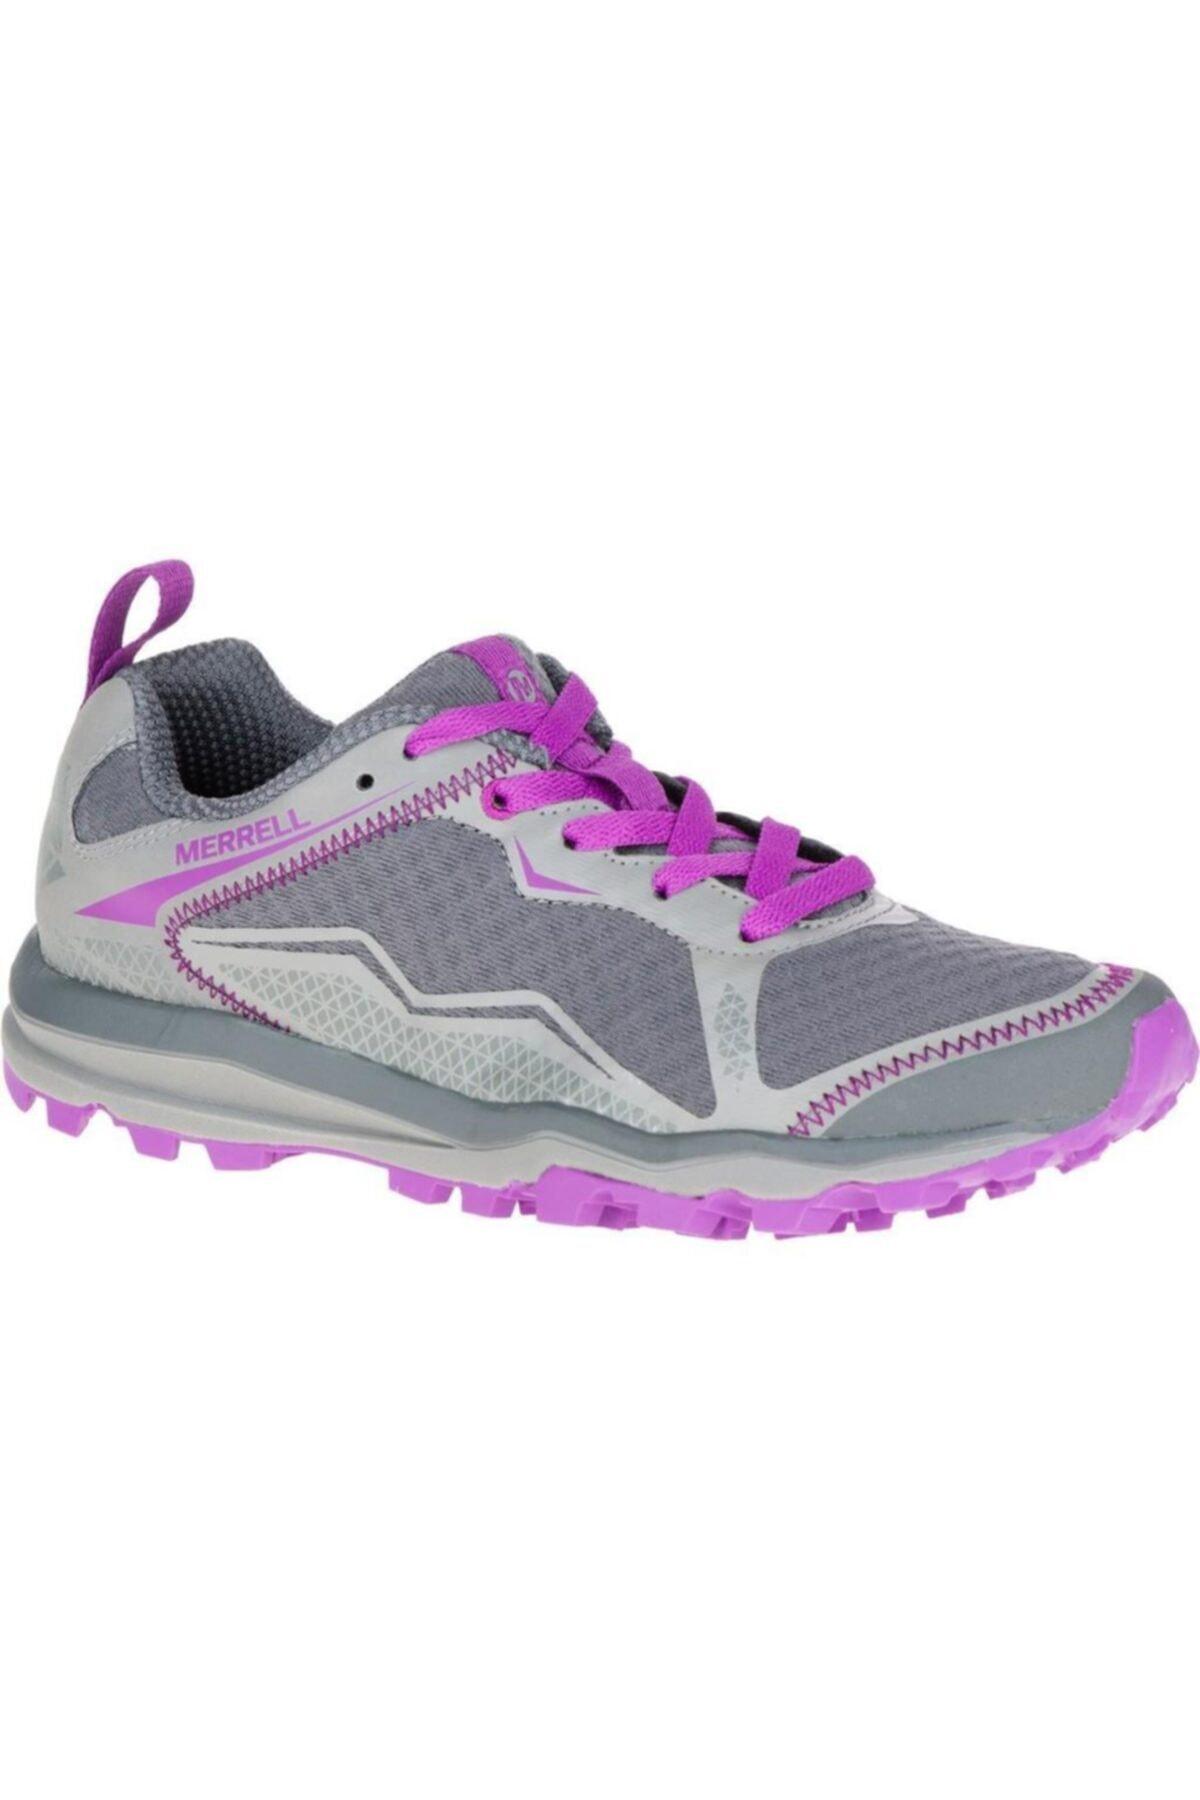 Merrell Kadın Gri Mor Spor Ayakkabı 1